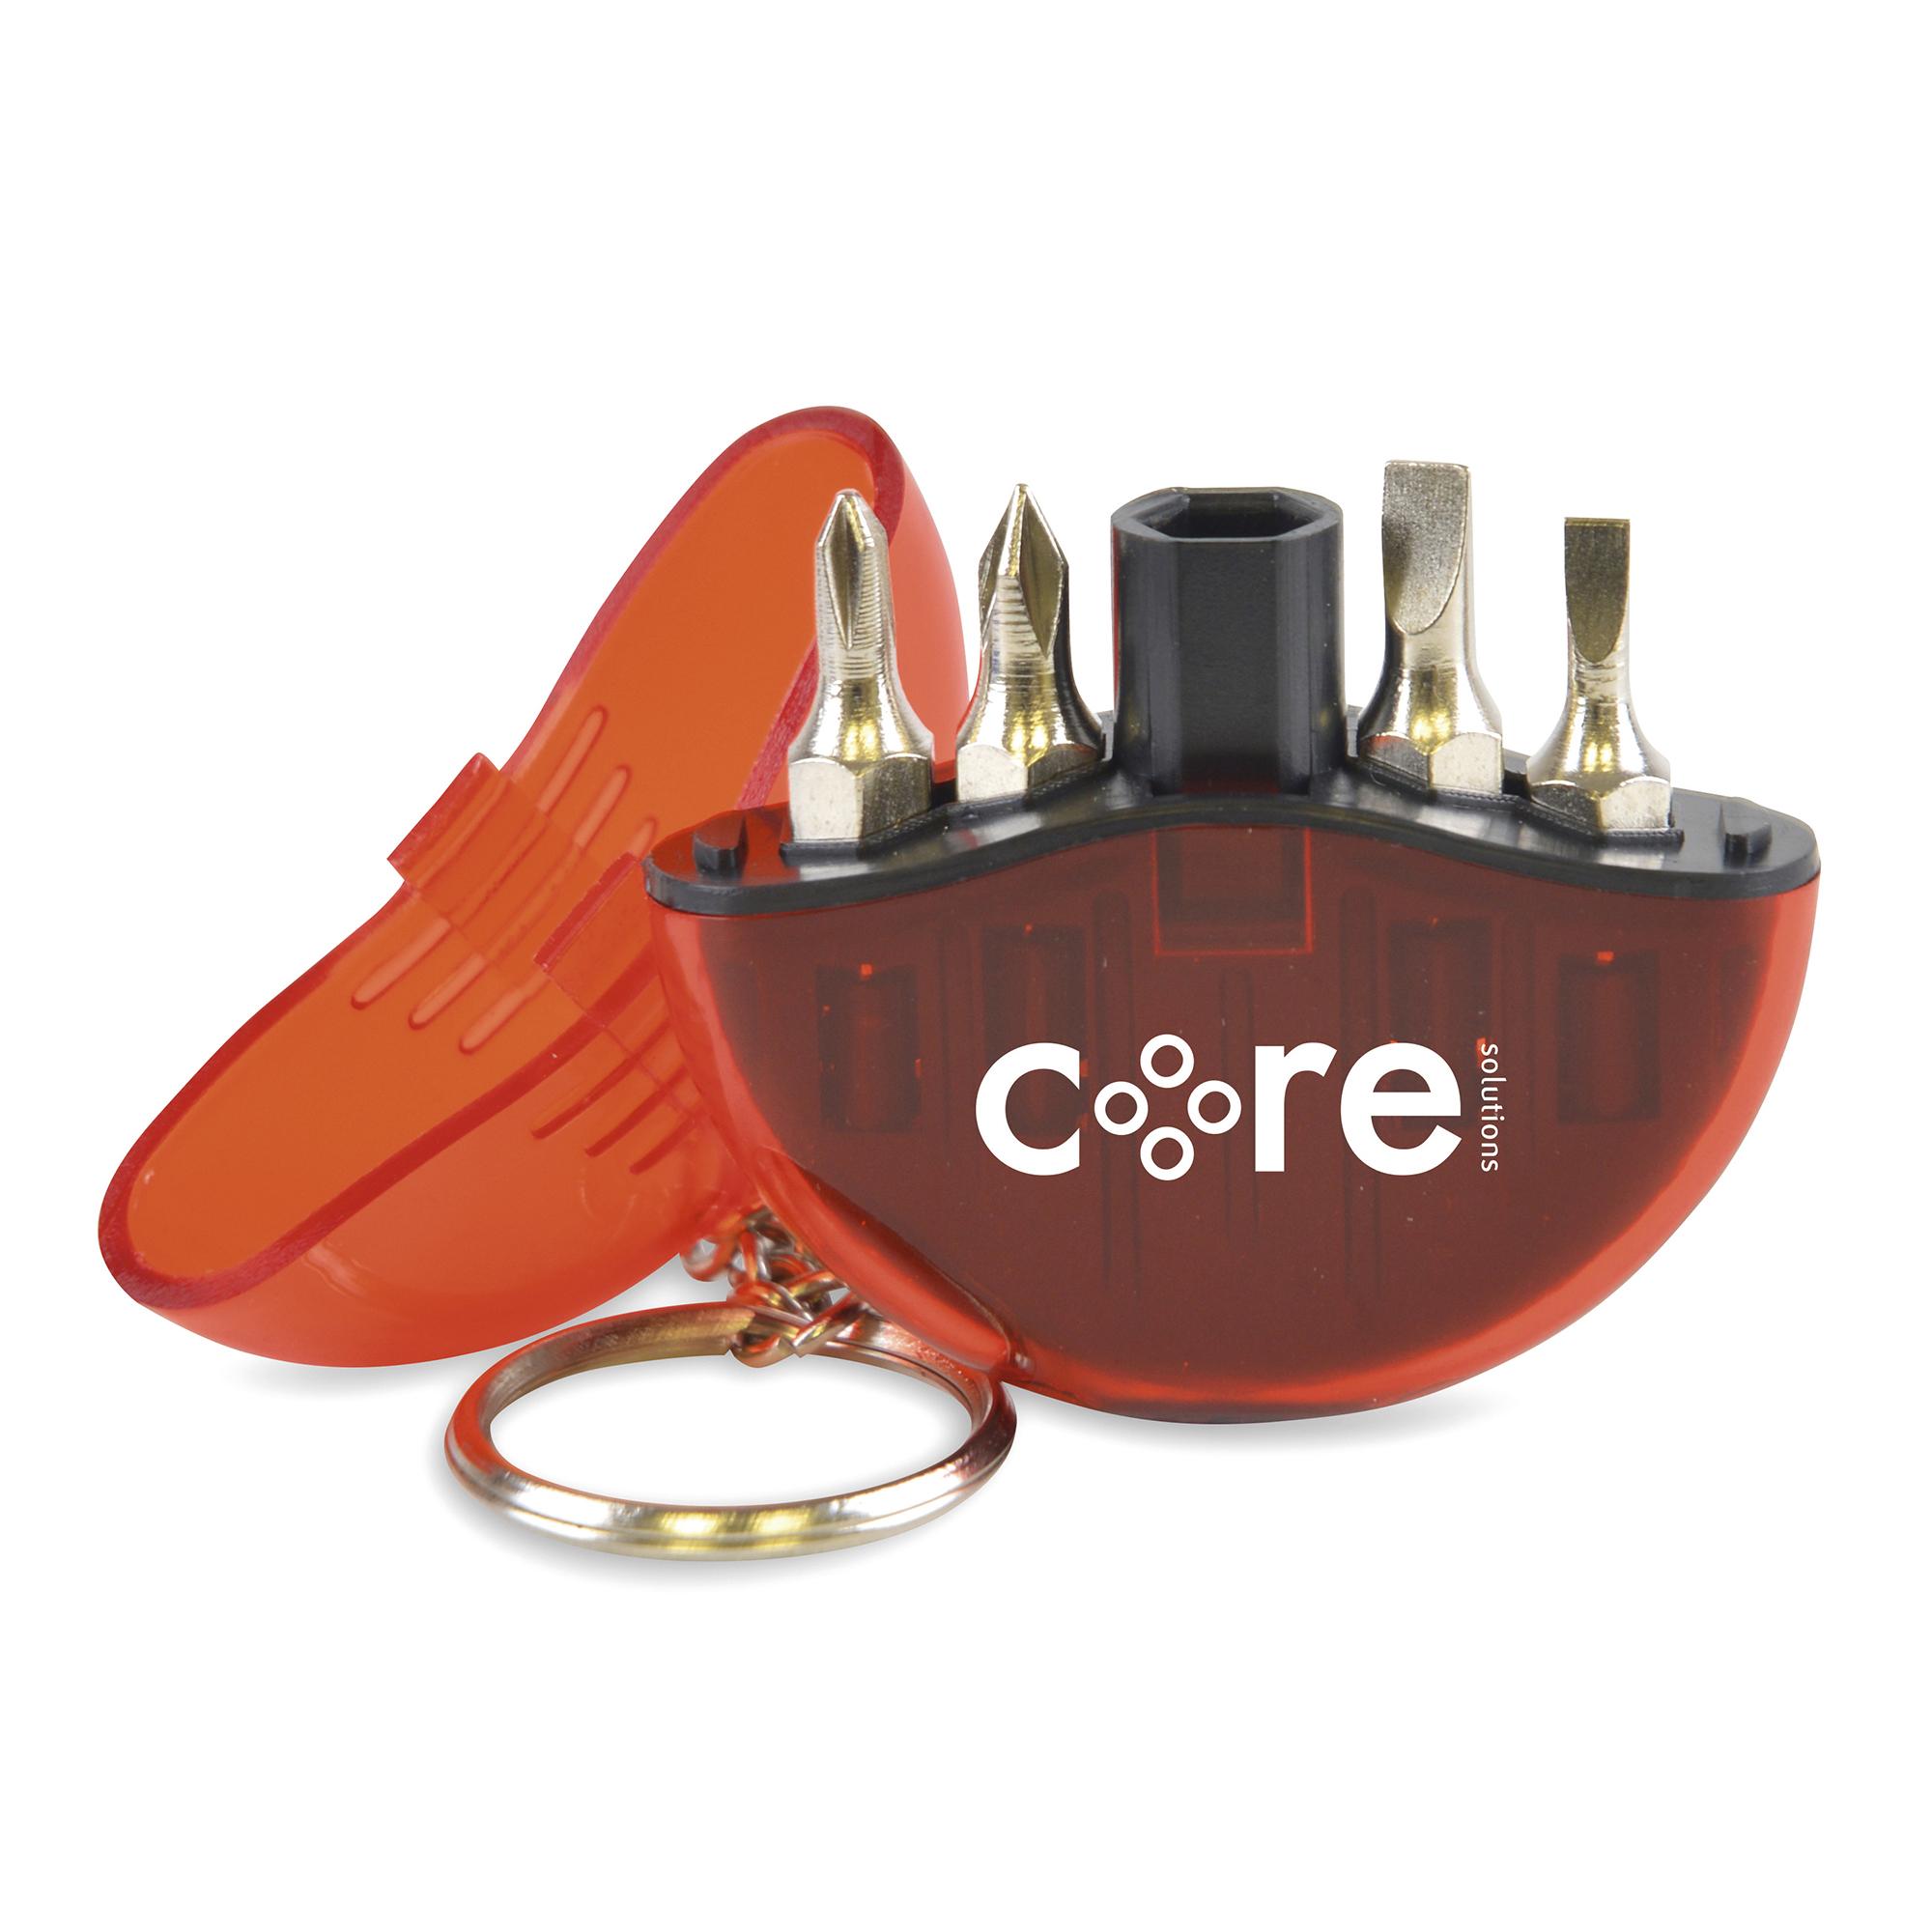 Promotional Cutler Keyring Screwdriver Set